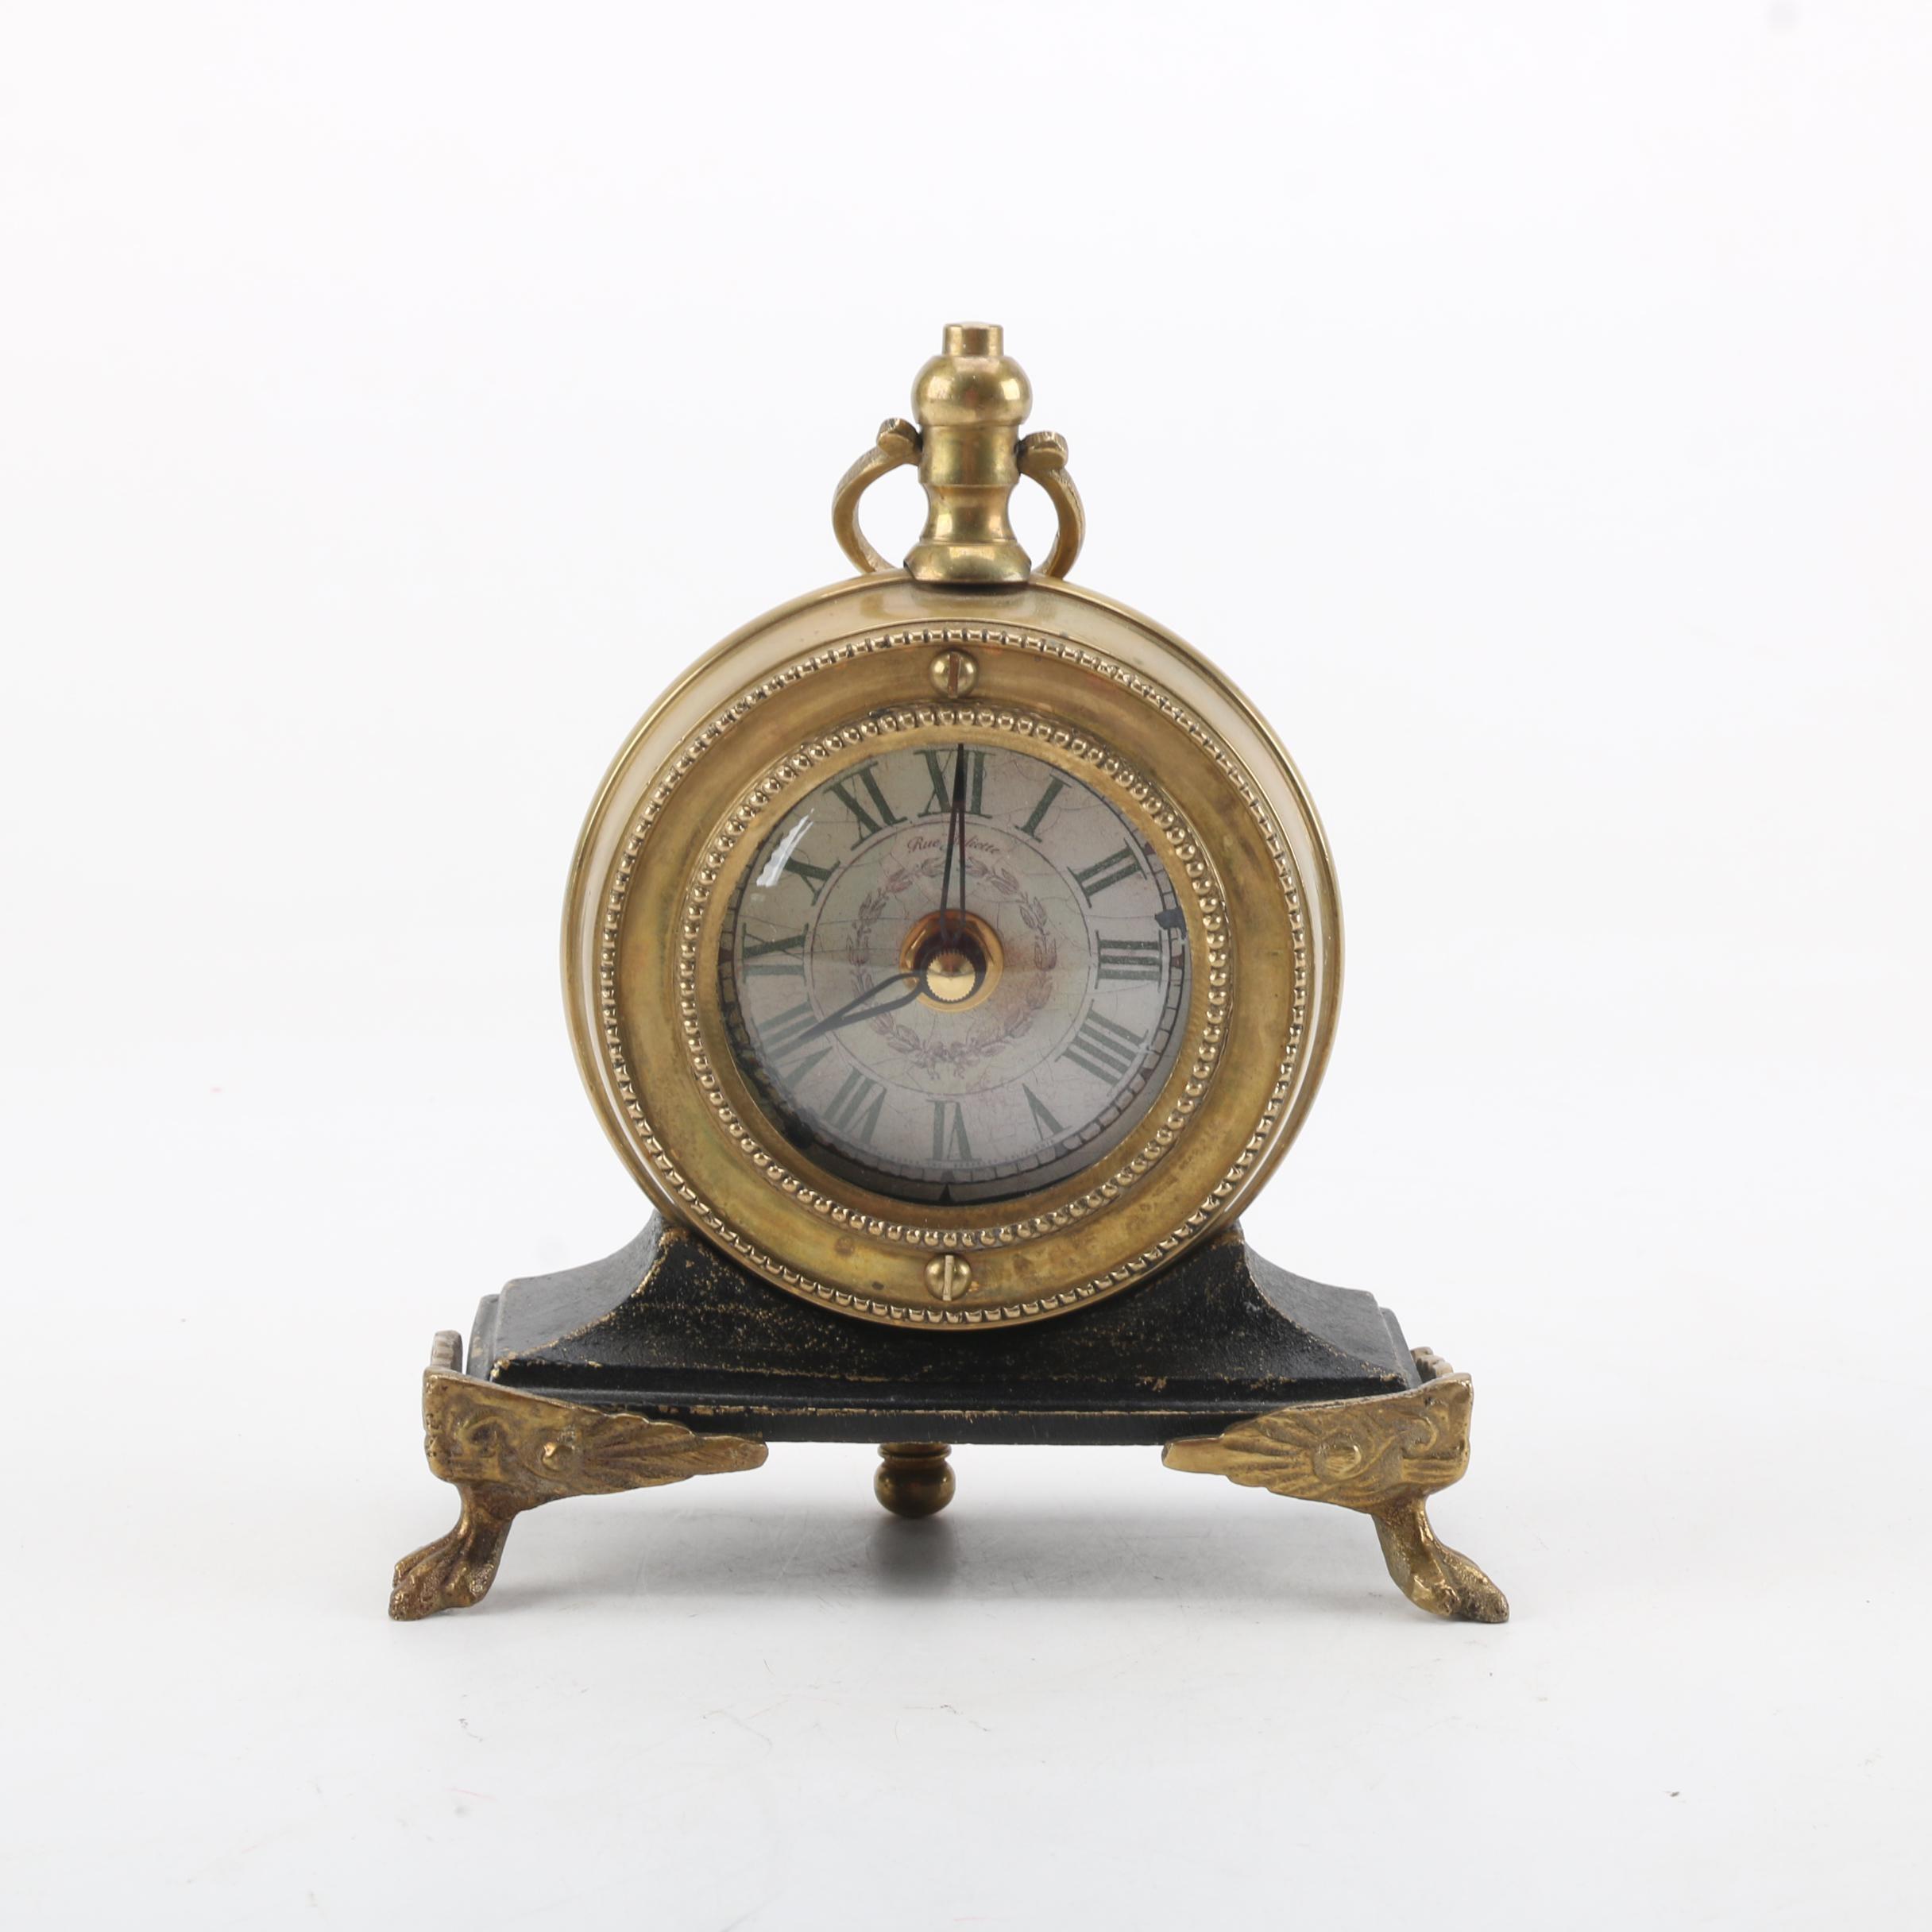 Rue Juliette Pocket Watch Style Desk Clock